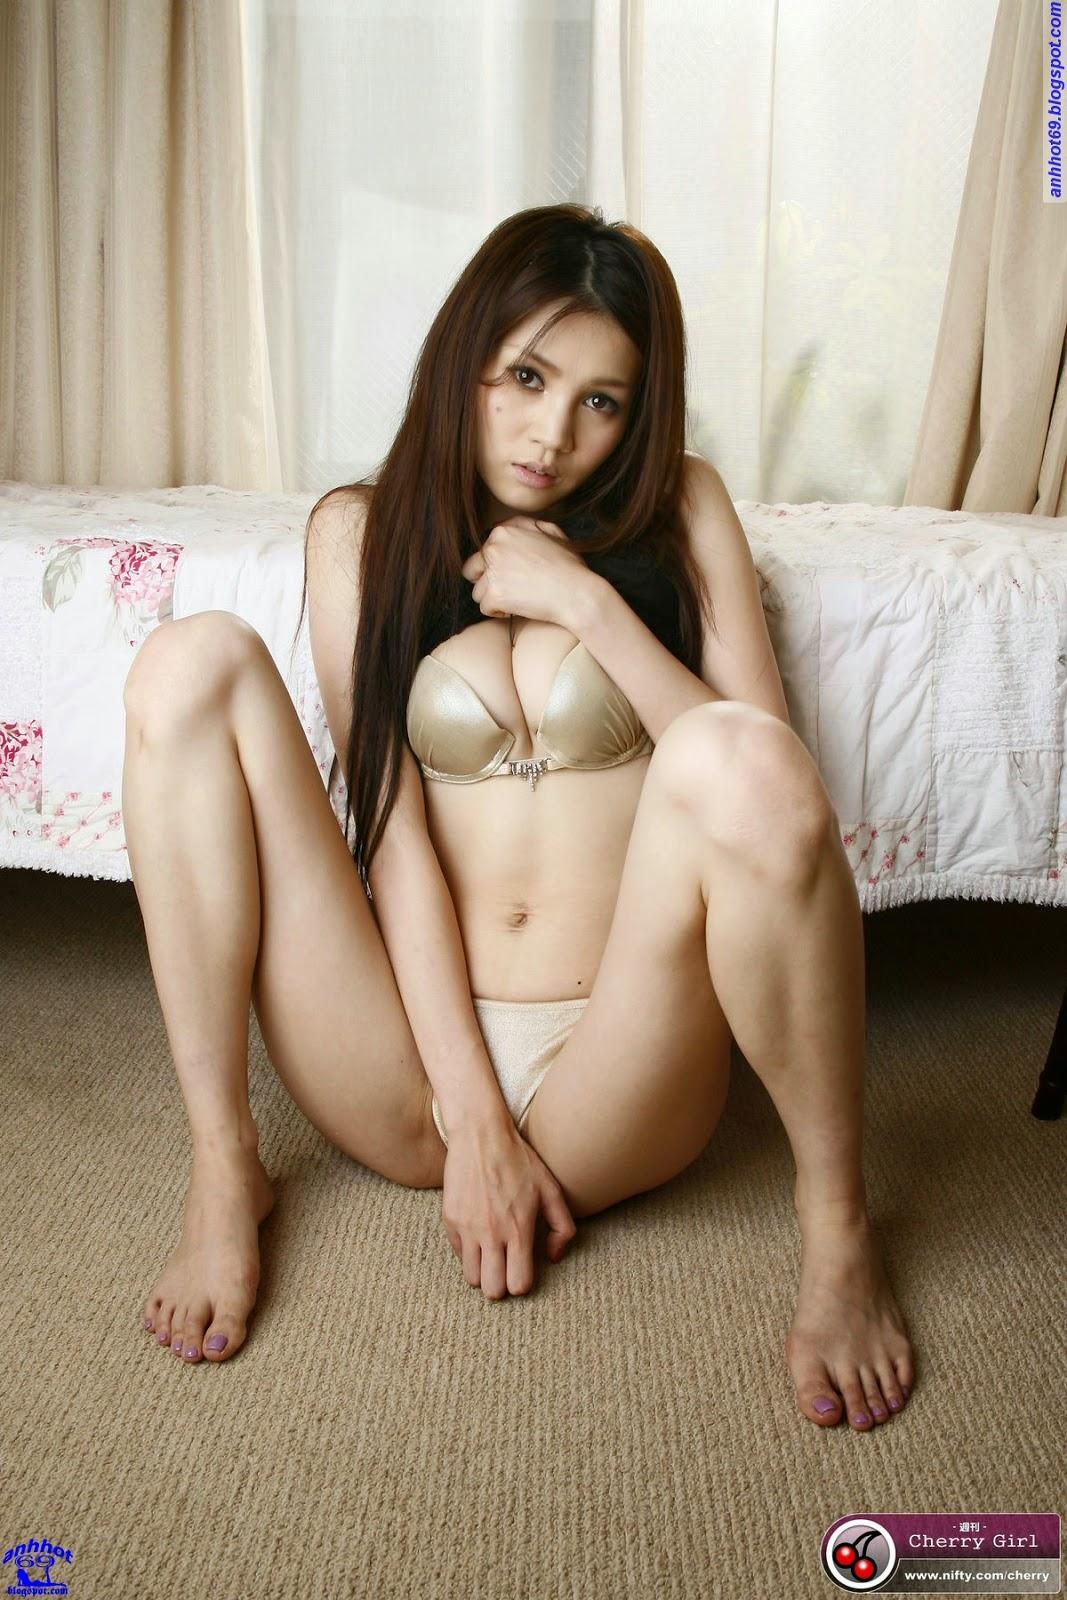 ameri_ichinose_Cherry Girl 2009-12-02_013